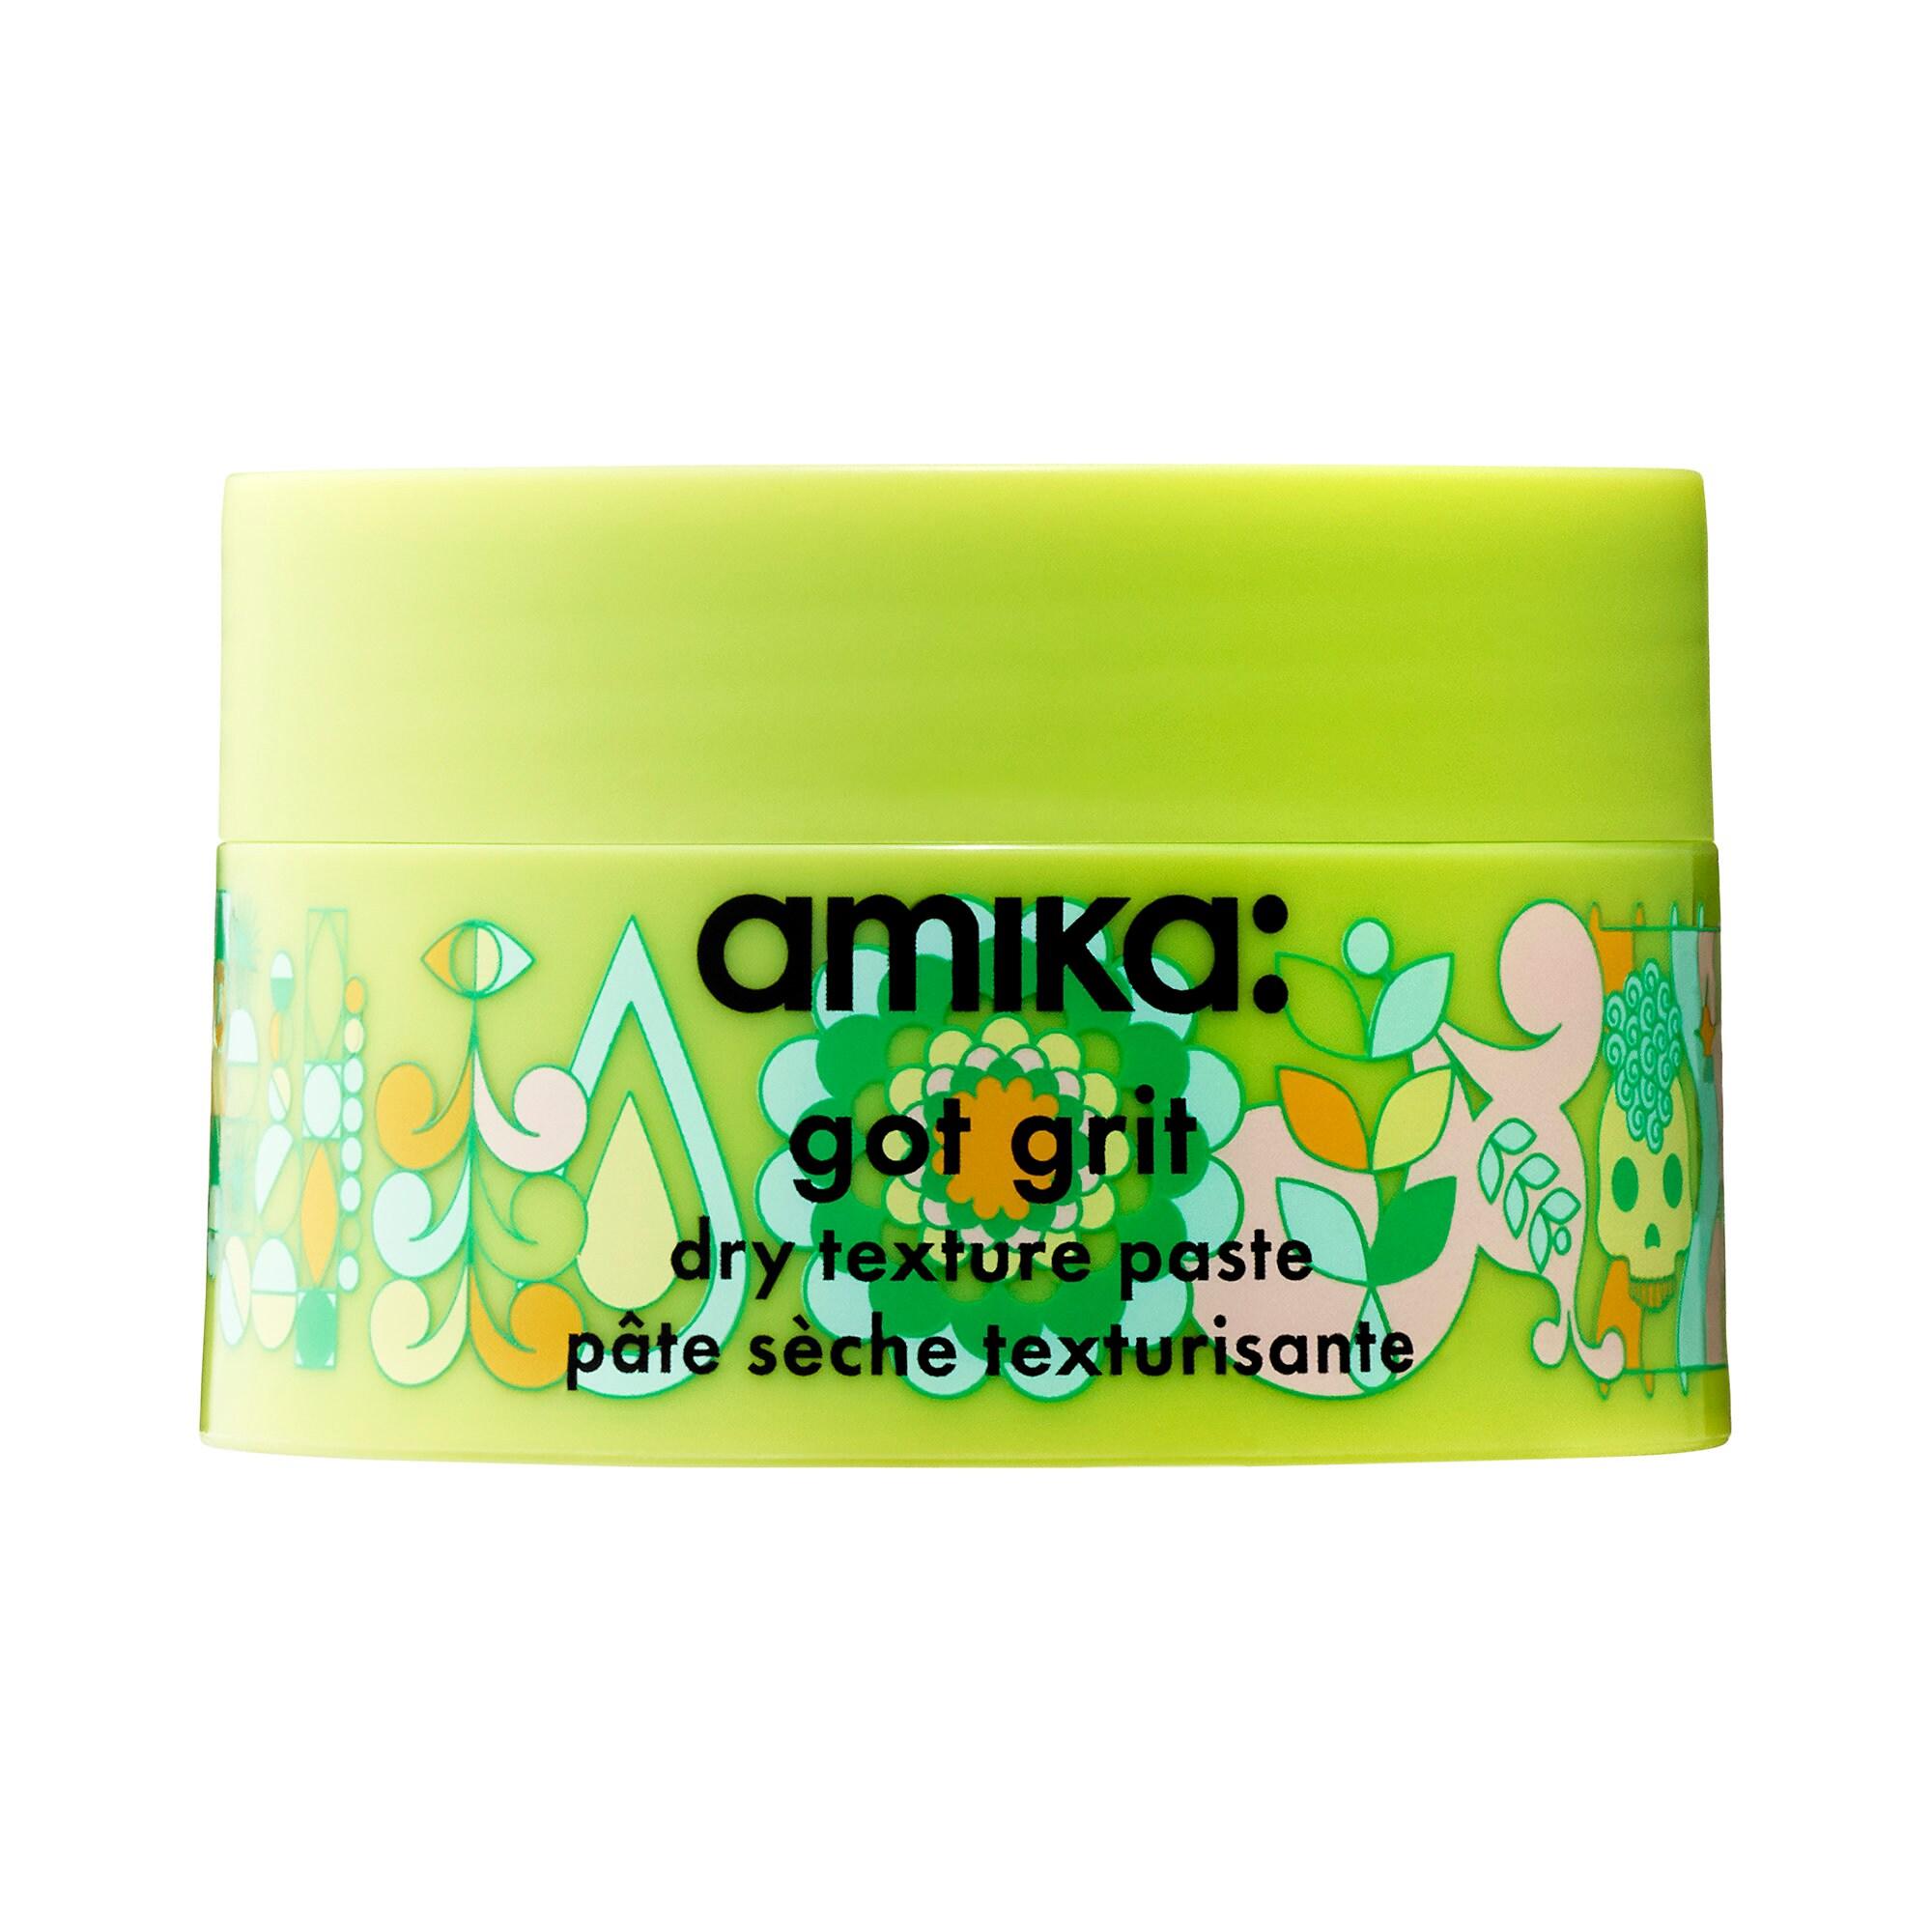 Amika - Got Grit Dry Texture Paste